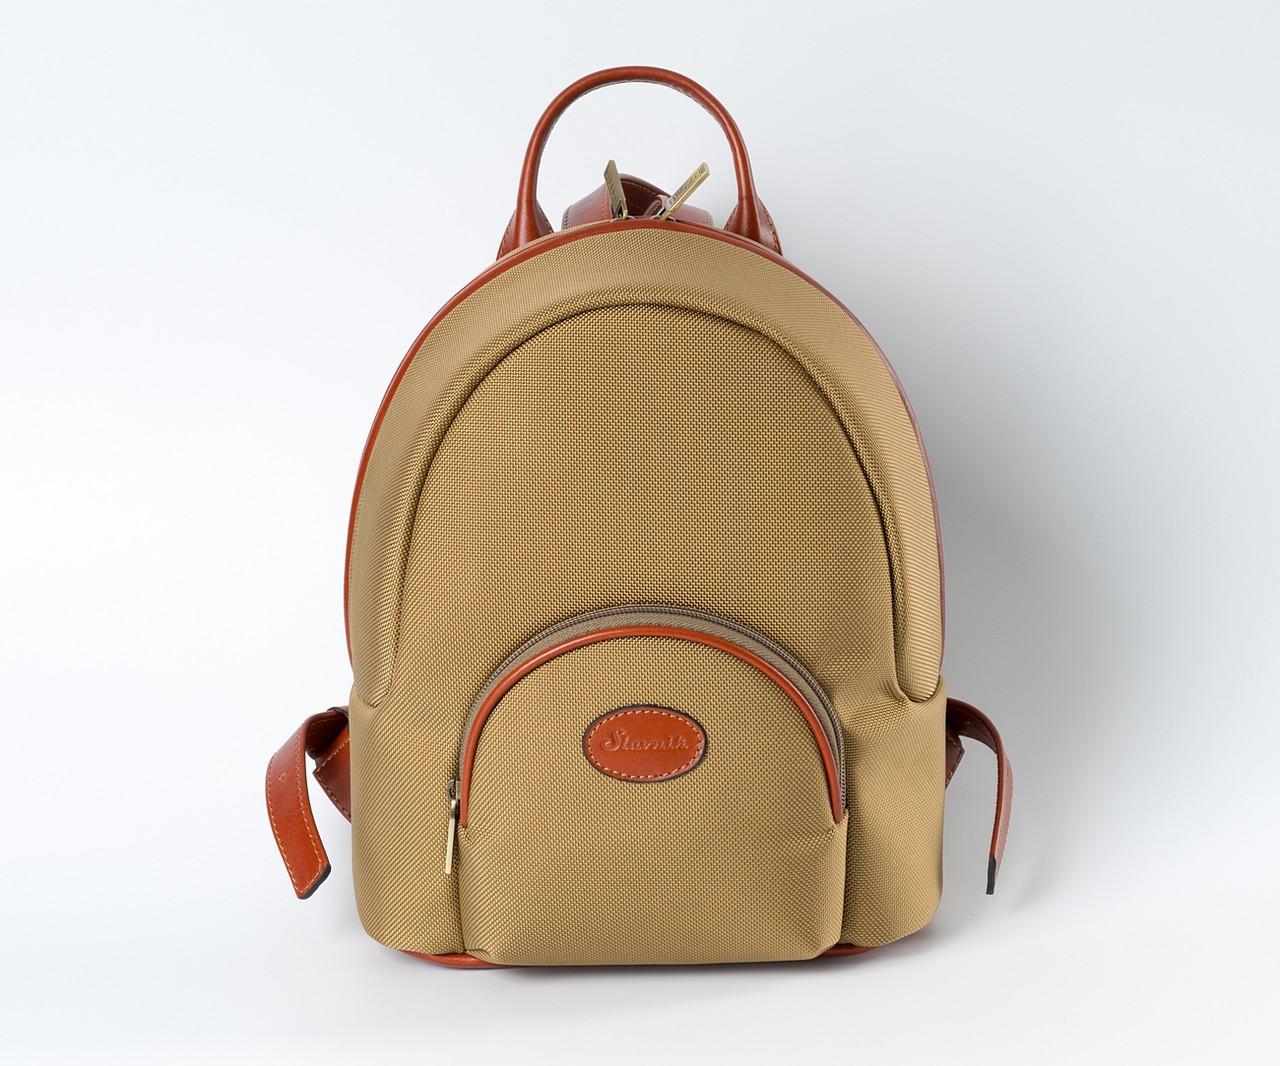 Рюкзаки молодежные купить в николаеве dilettante эрго рюкзак